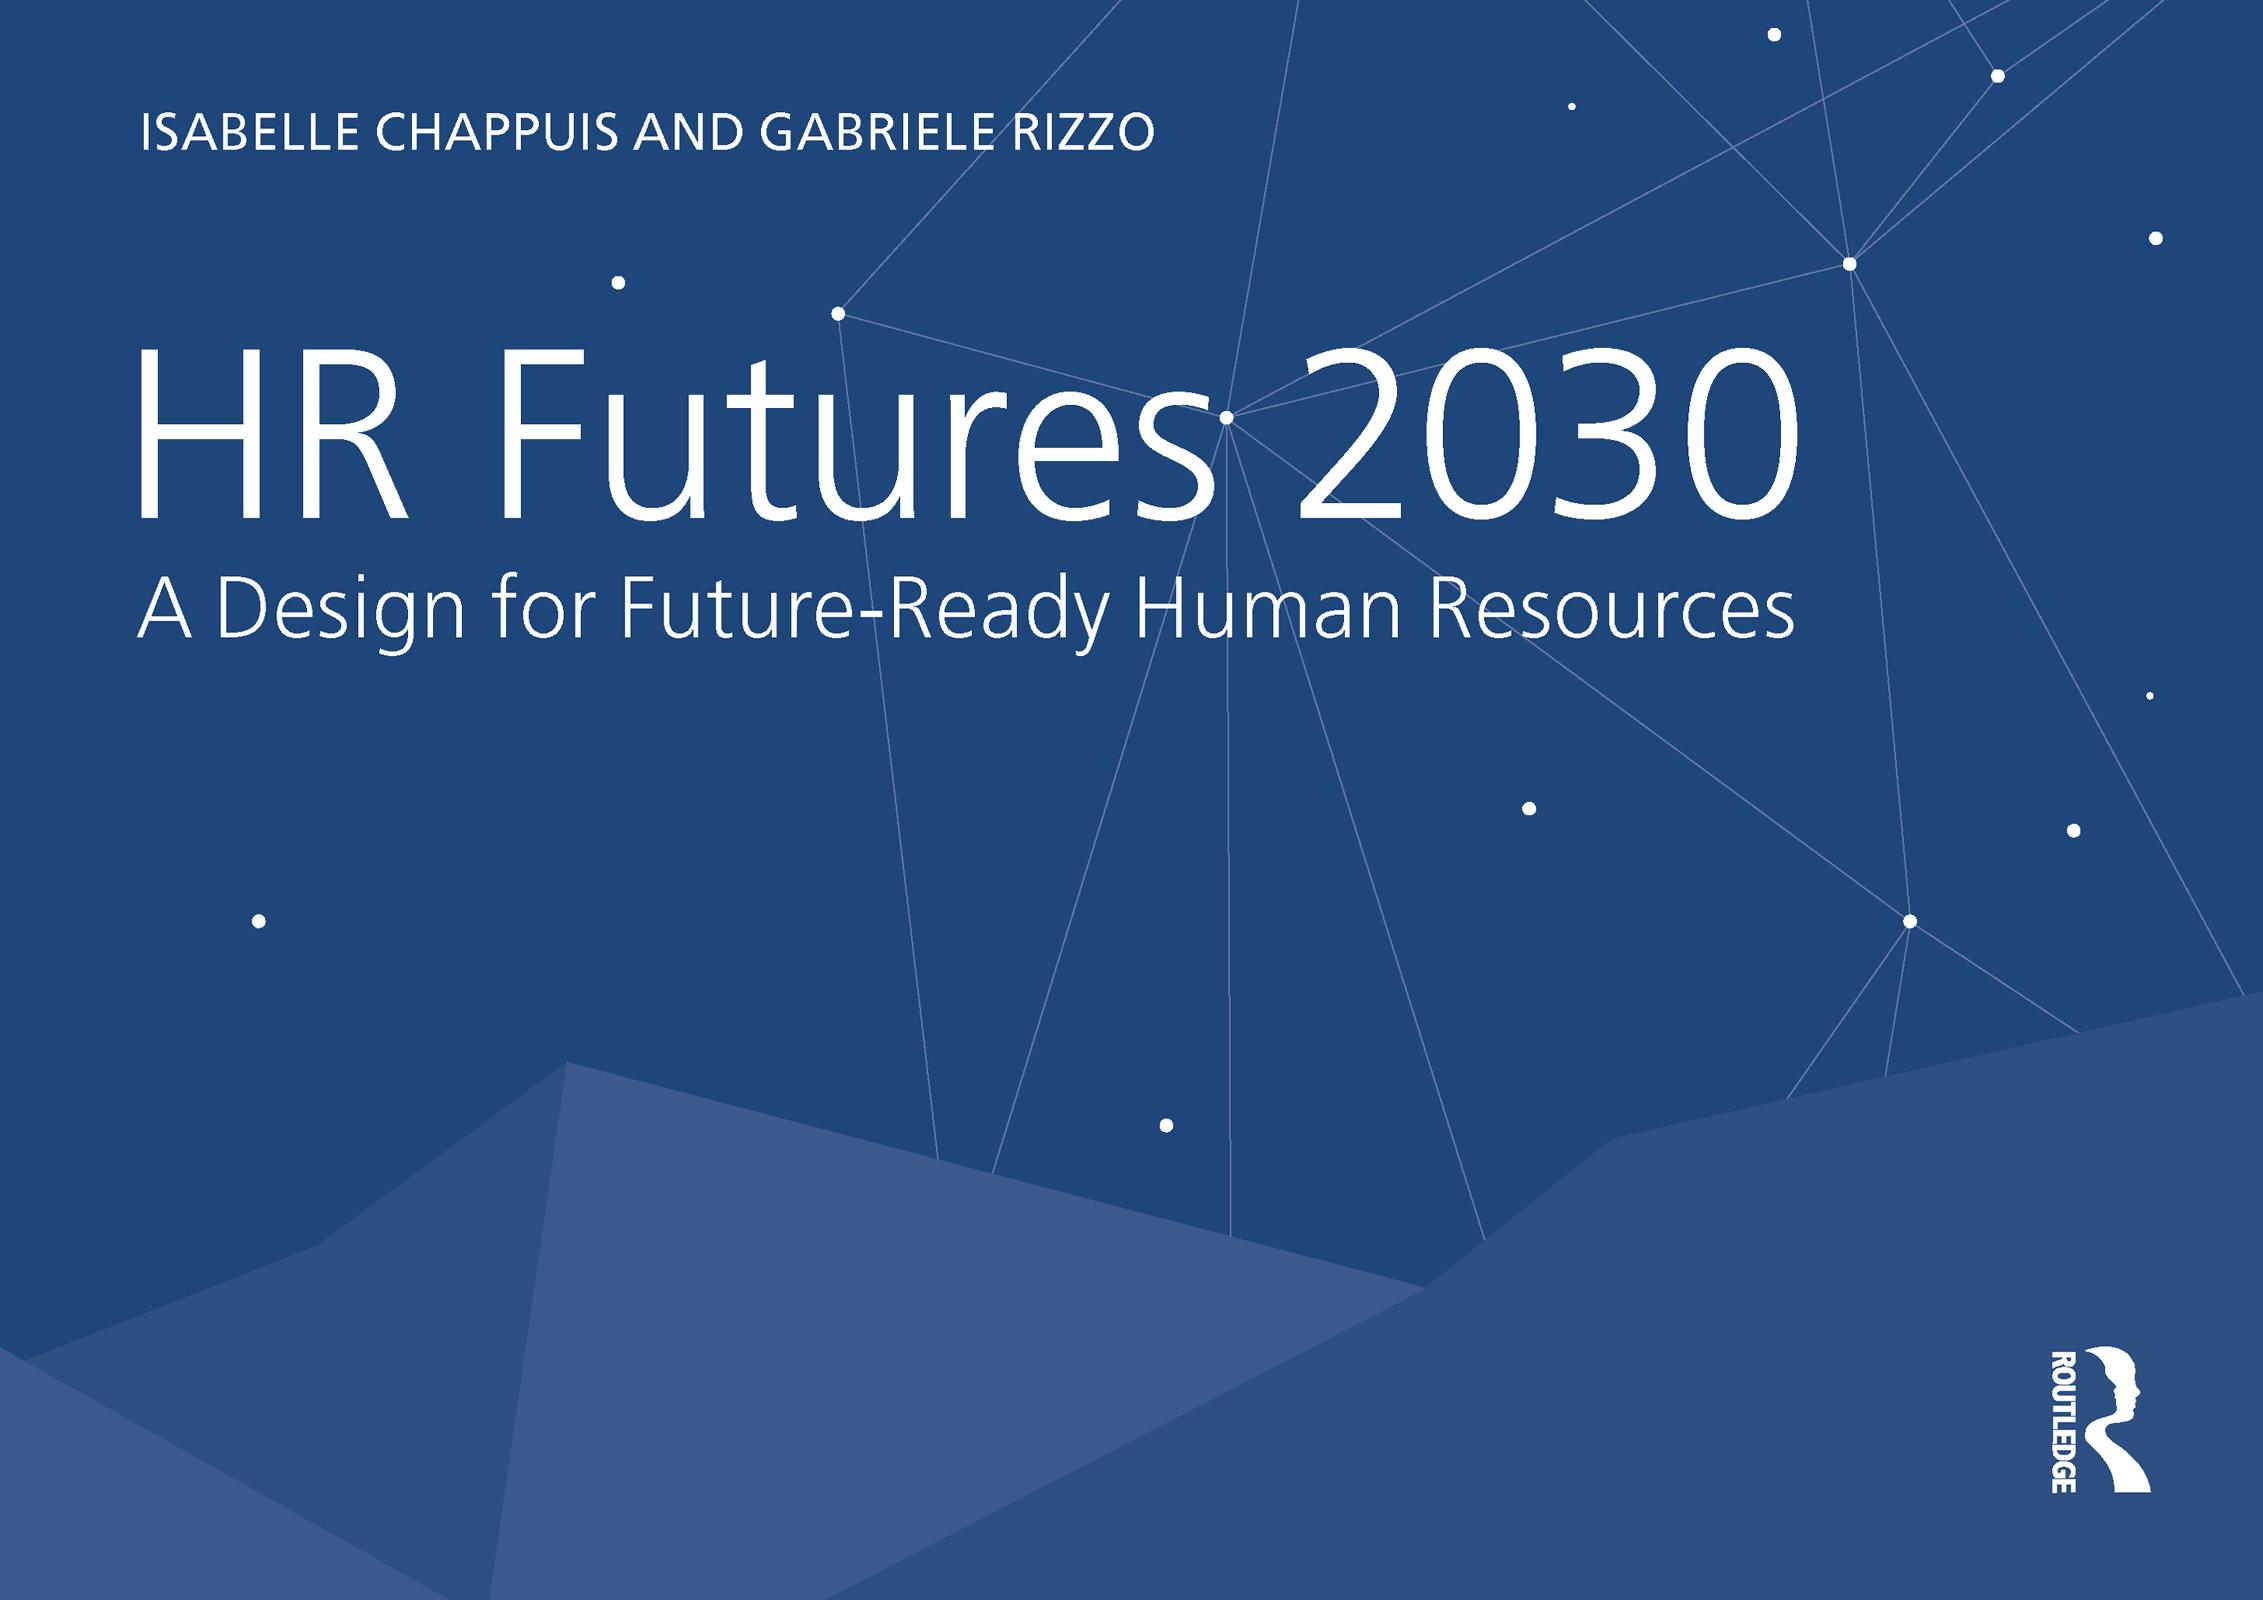 HR Futures 2030